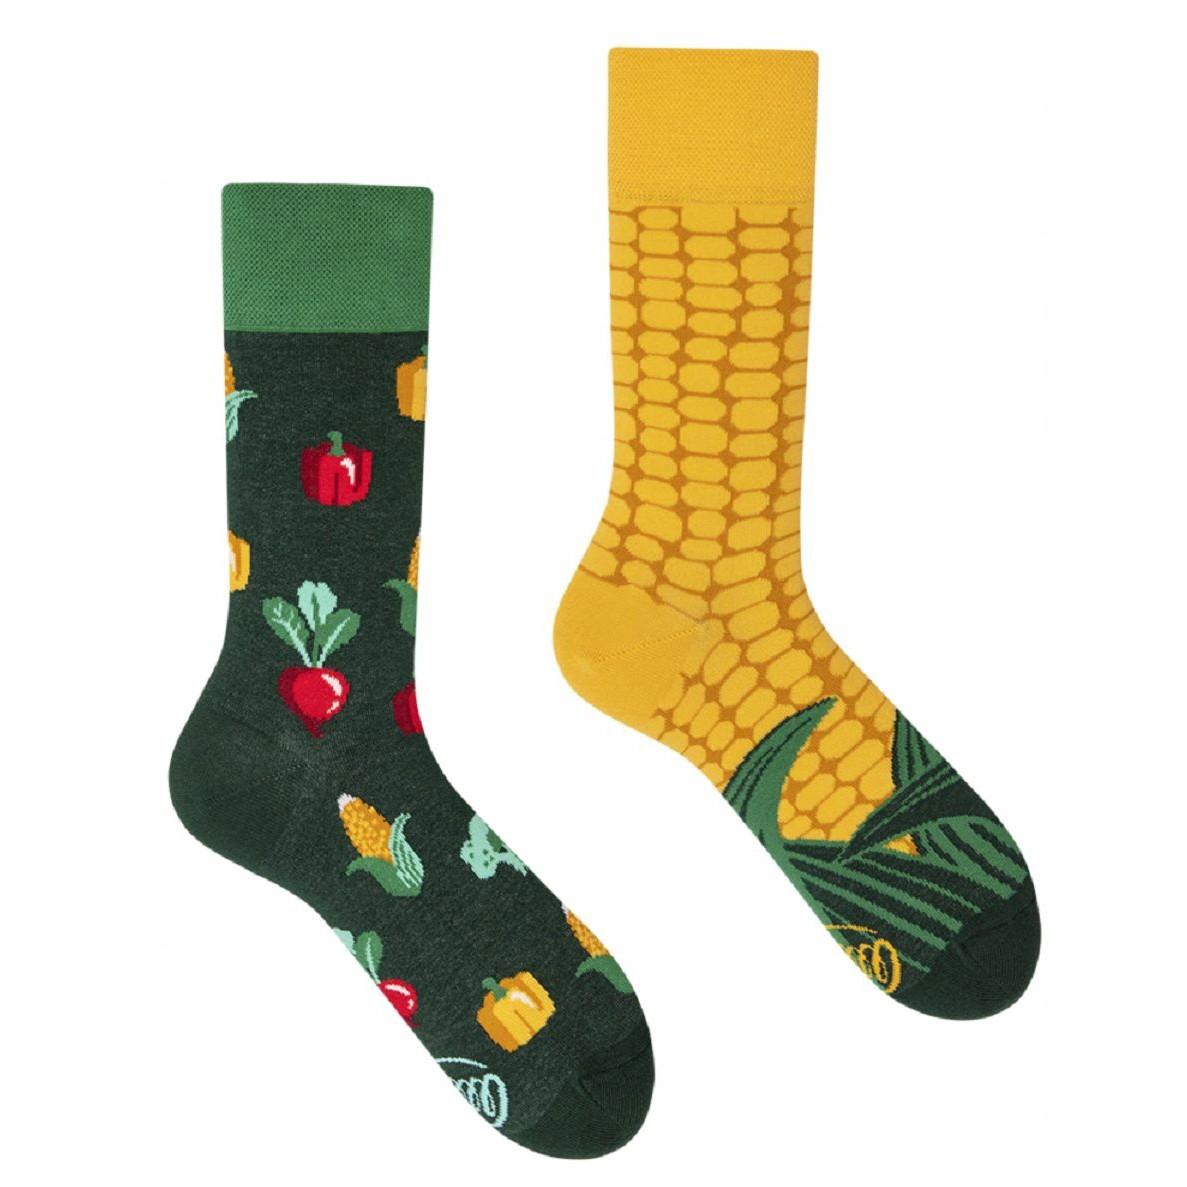 Barevné ponožky VEGGIE MIX kukuřice zelenina 35-38 megamix.shop